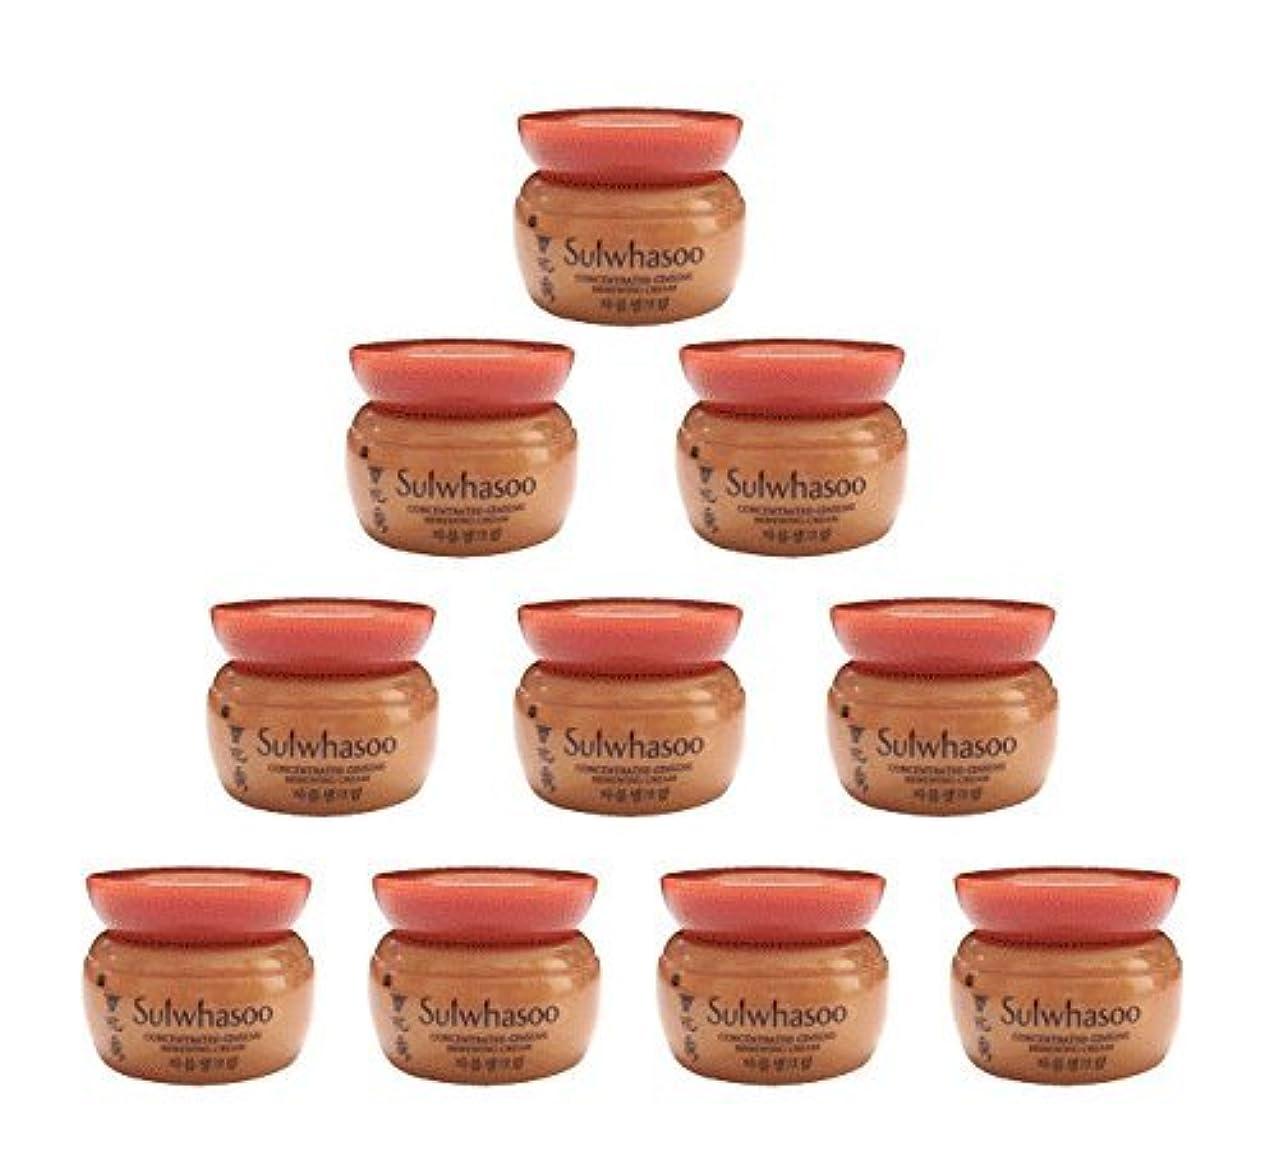 選択トランスペアレント習熟度【ソルファス 雪花秀 Sulwhasoo】 Concentrated Ginseng Renewing Cream(50ml) 5ml x 10個 韓国化粧品 ブランドのサンプル [並行輸入品]